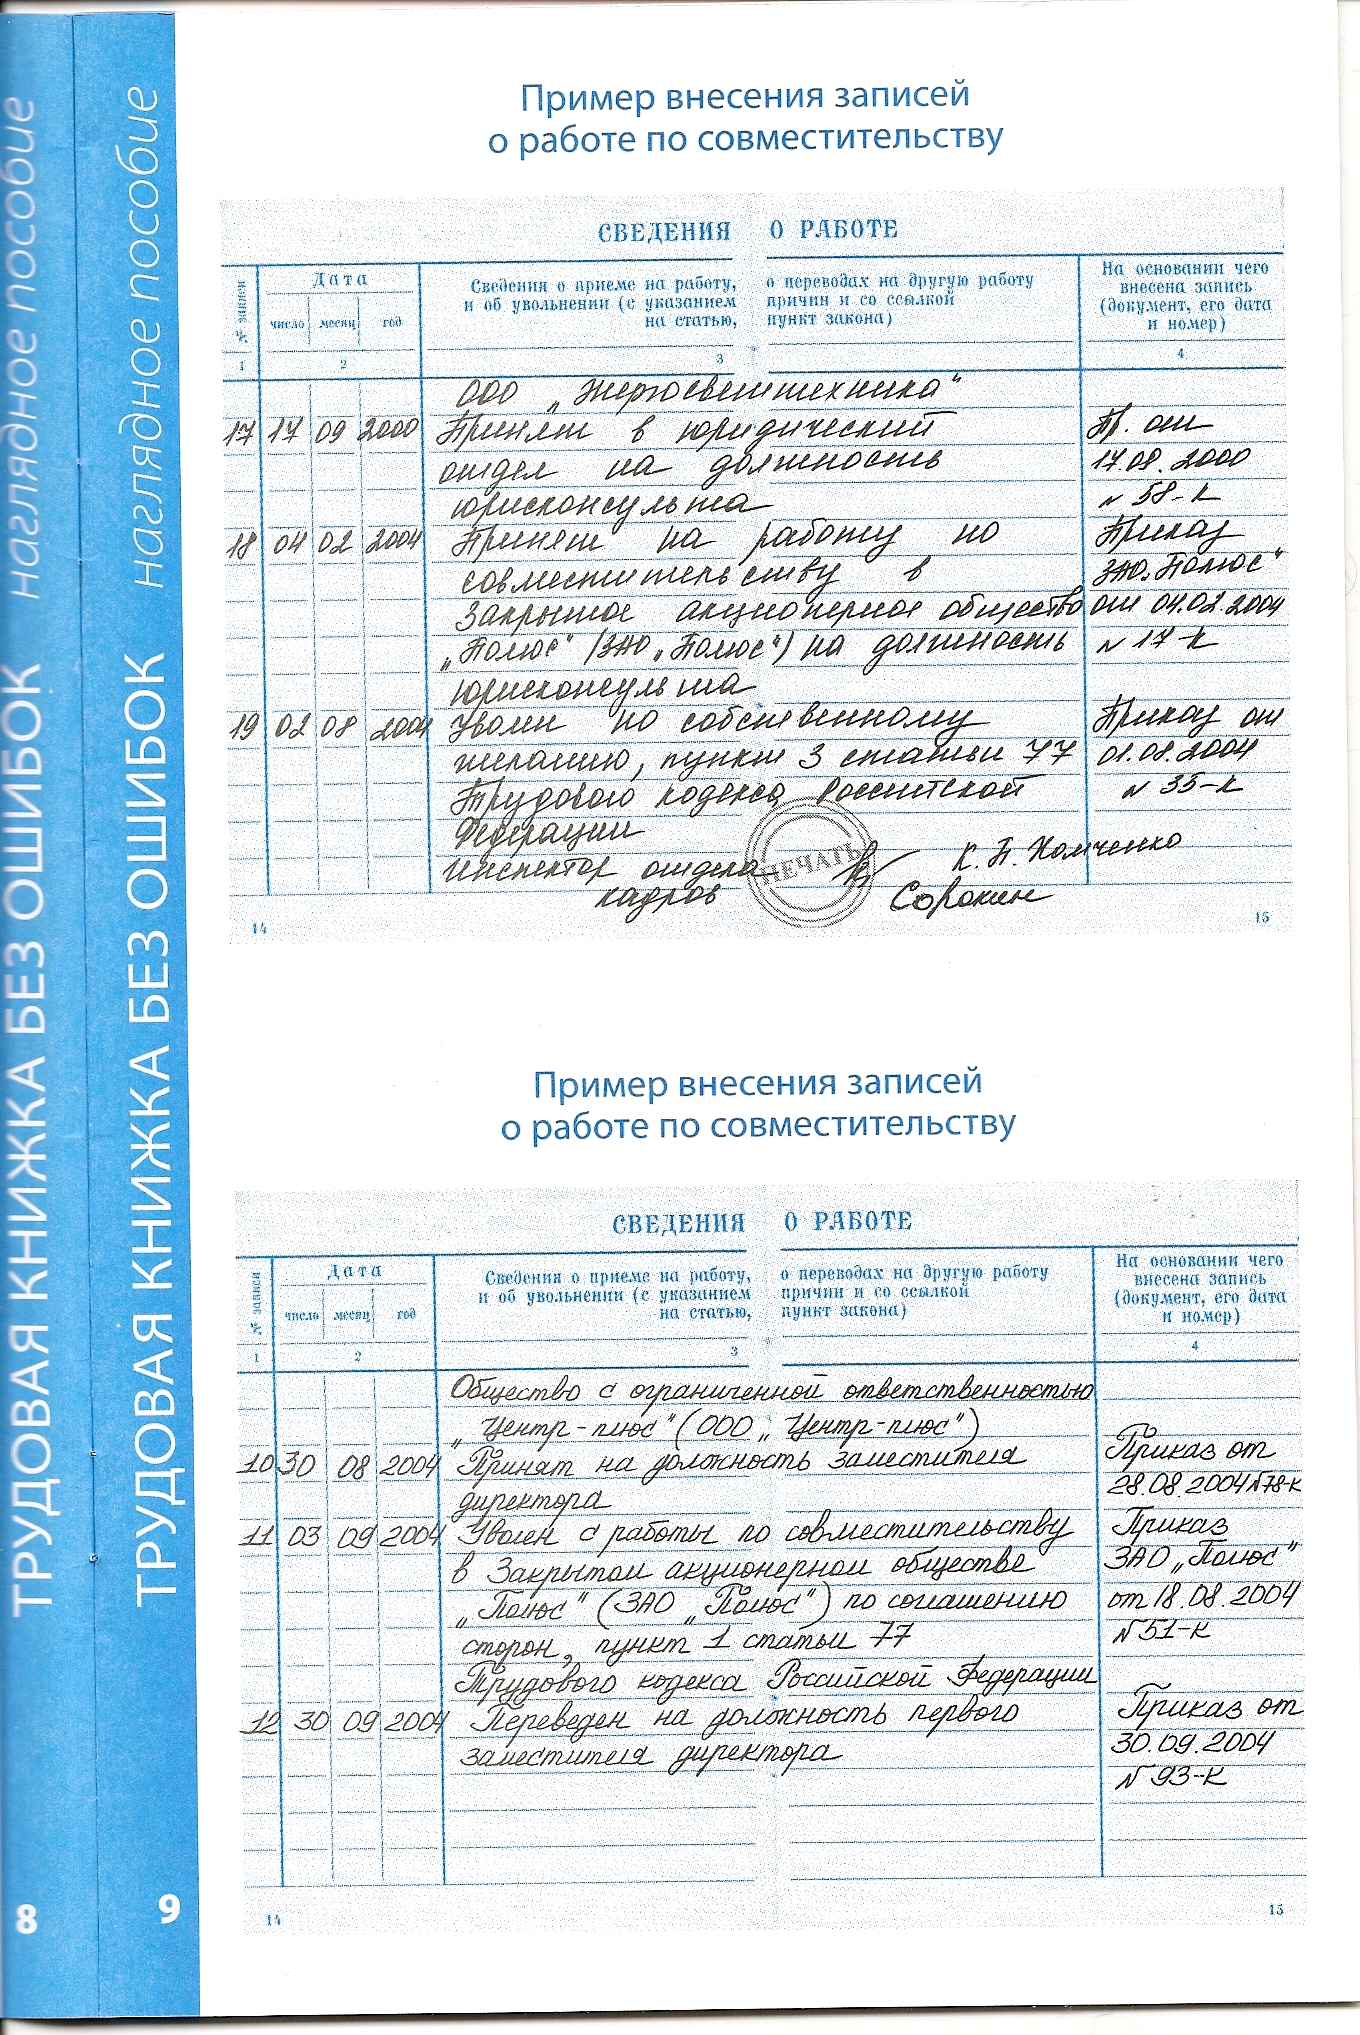 Делаем в трудовой книжке правильные записи Журнал «Главная 76